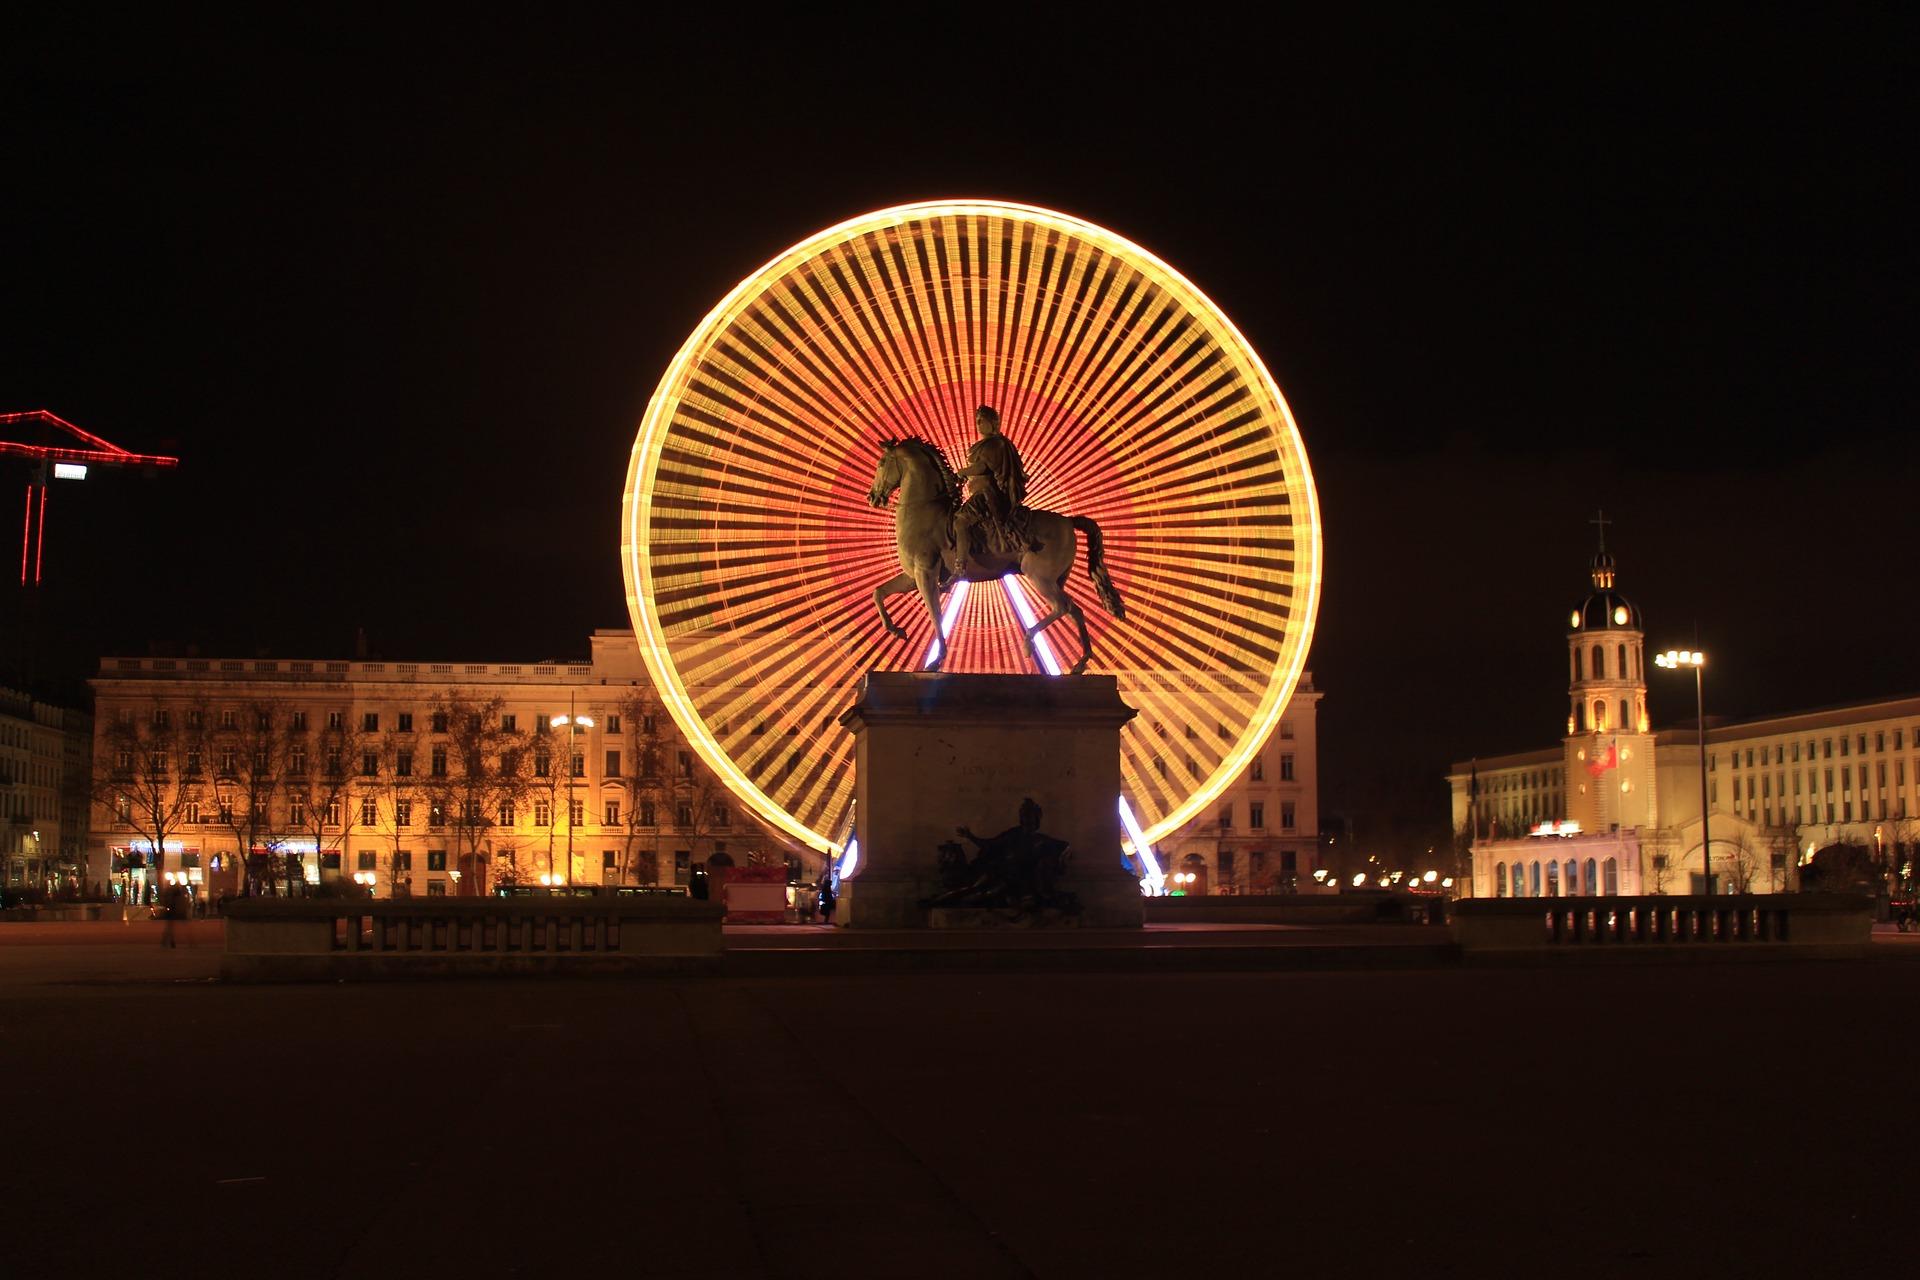 Lyon_CC0.jpg?1545476500